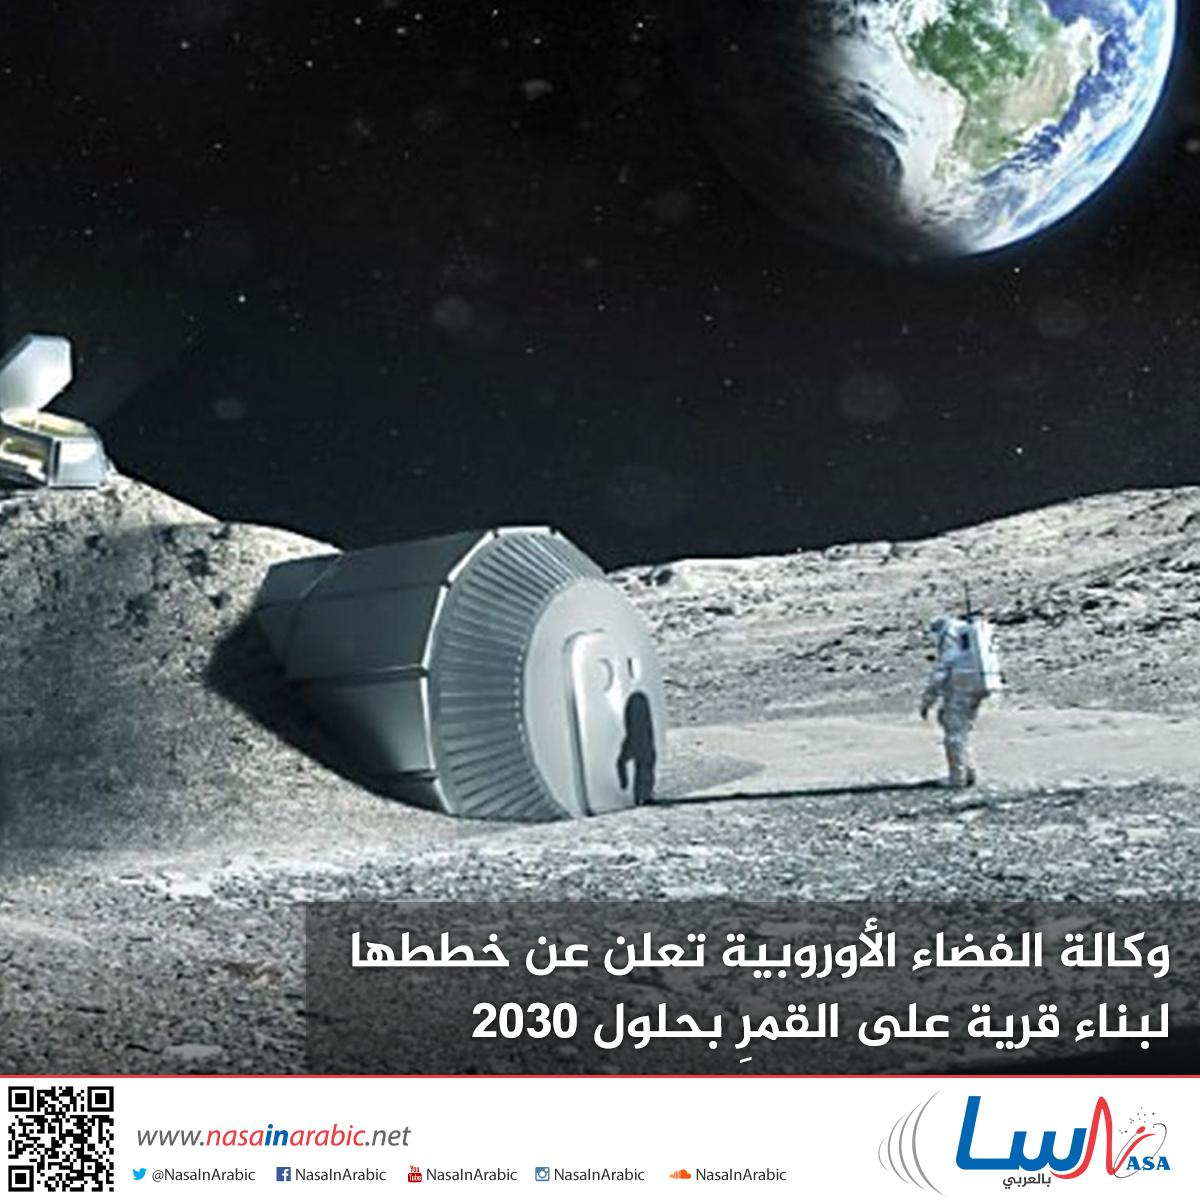 وكالة الفضاء الأوروبية تعلن عن خططها لبناء قرية على القمرِ بحلول 2030